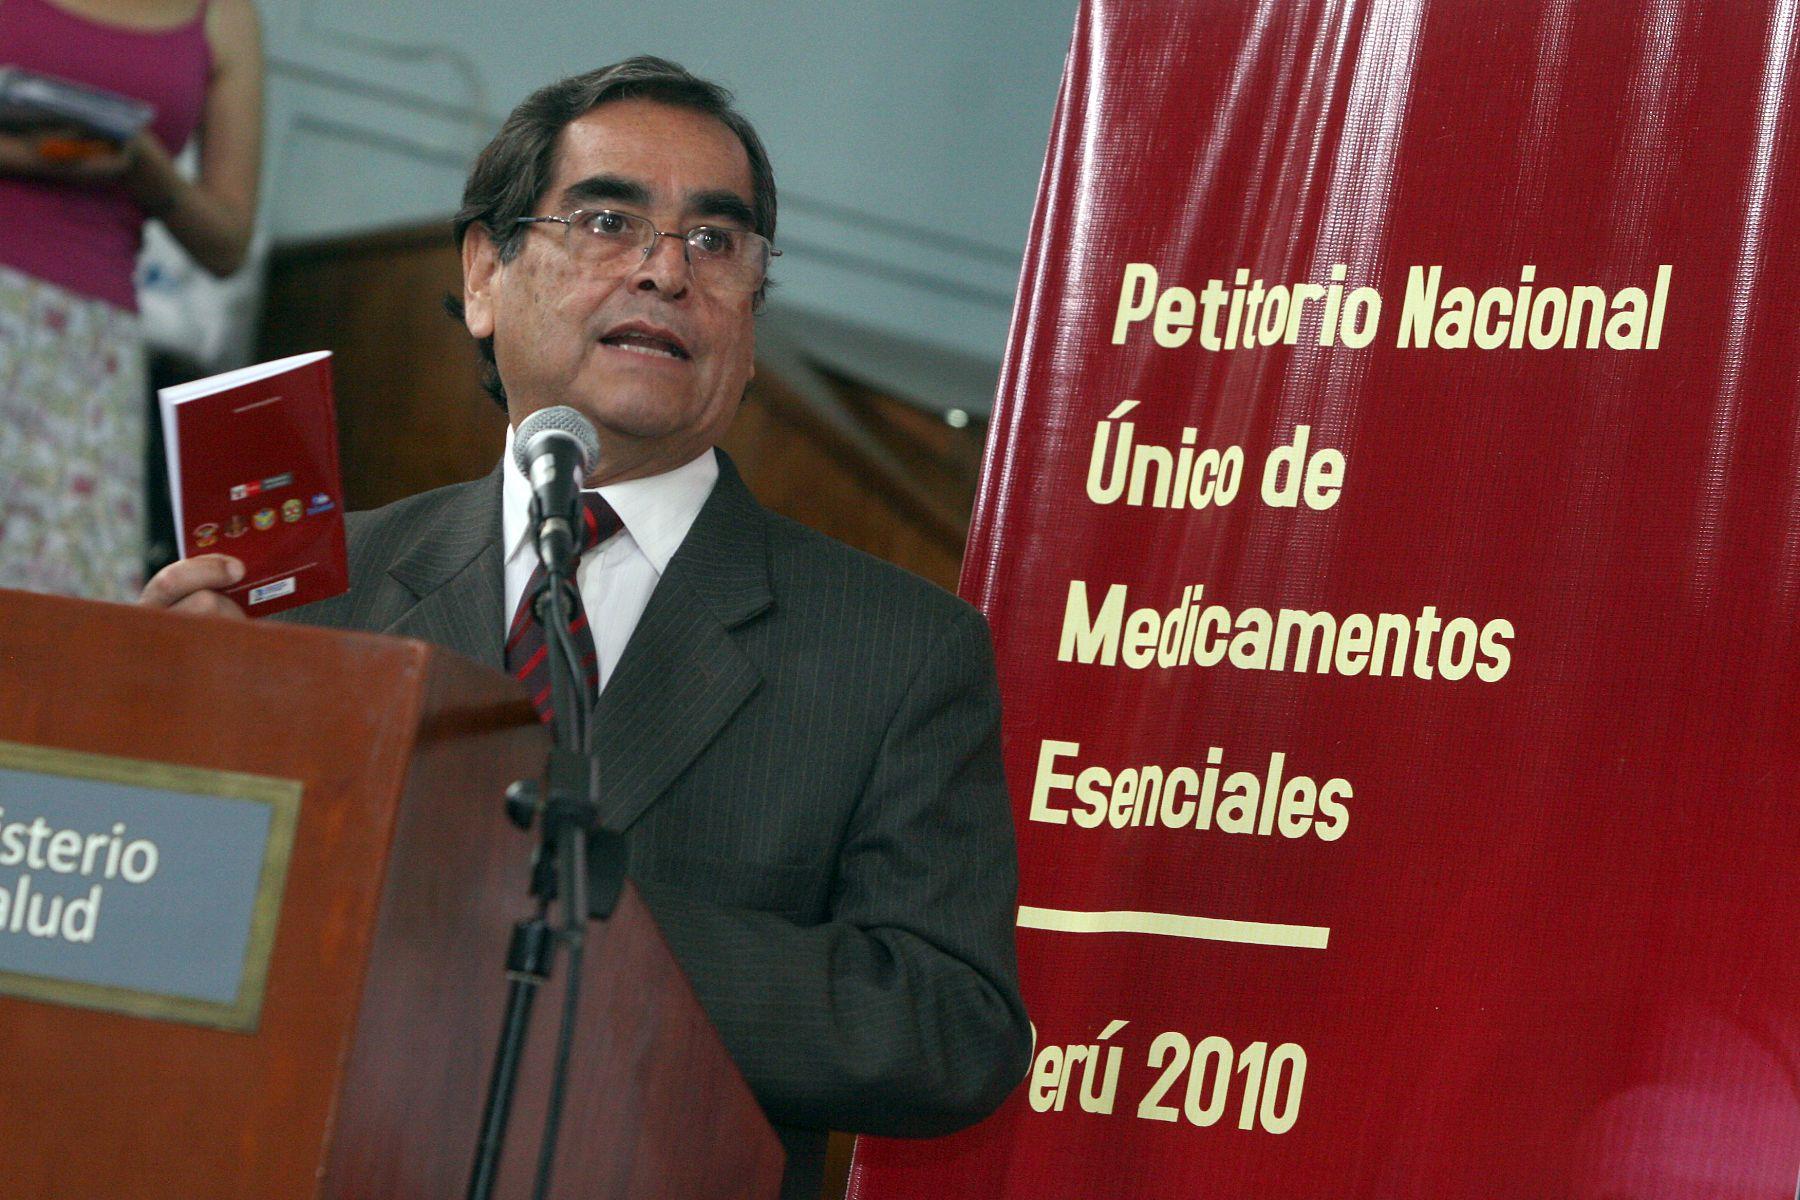 Ministro de Salud, Óscar Ugarte, toma la palabra durante la entrega del Petitorio Nacional Único de Medicamentos Esenciales (PNUME). Foto: ANDINA/Rocío Farfán.